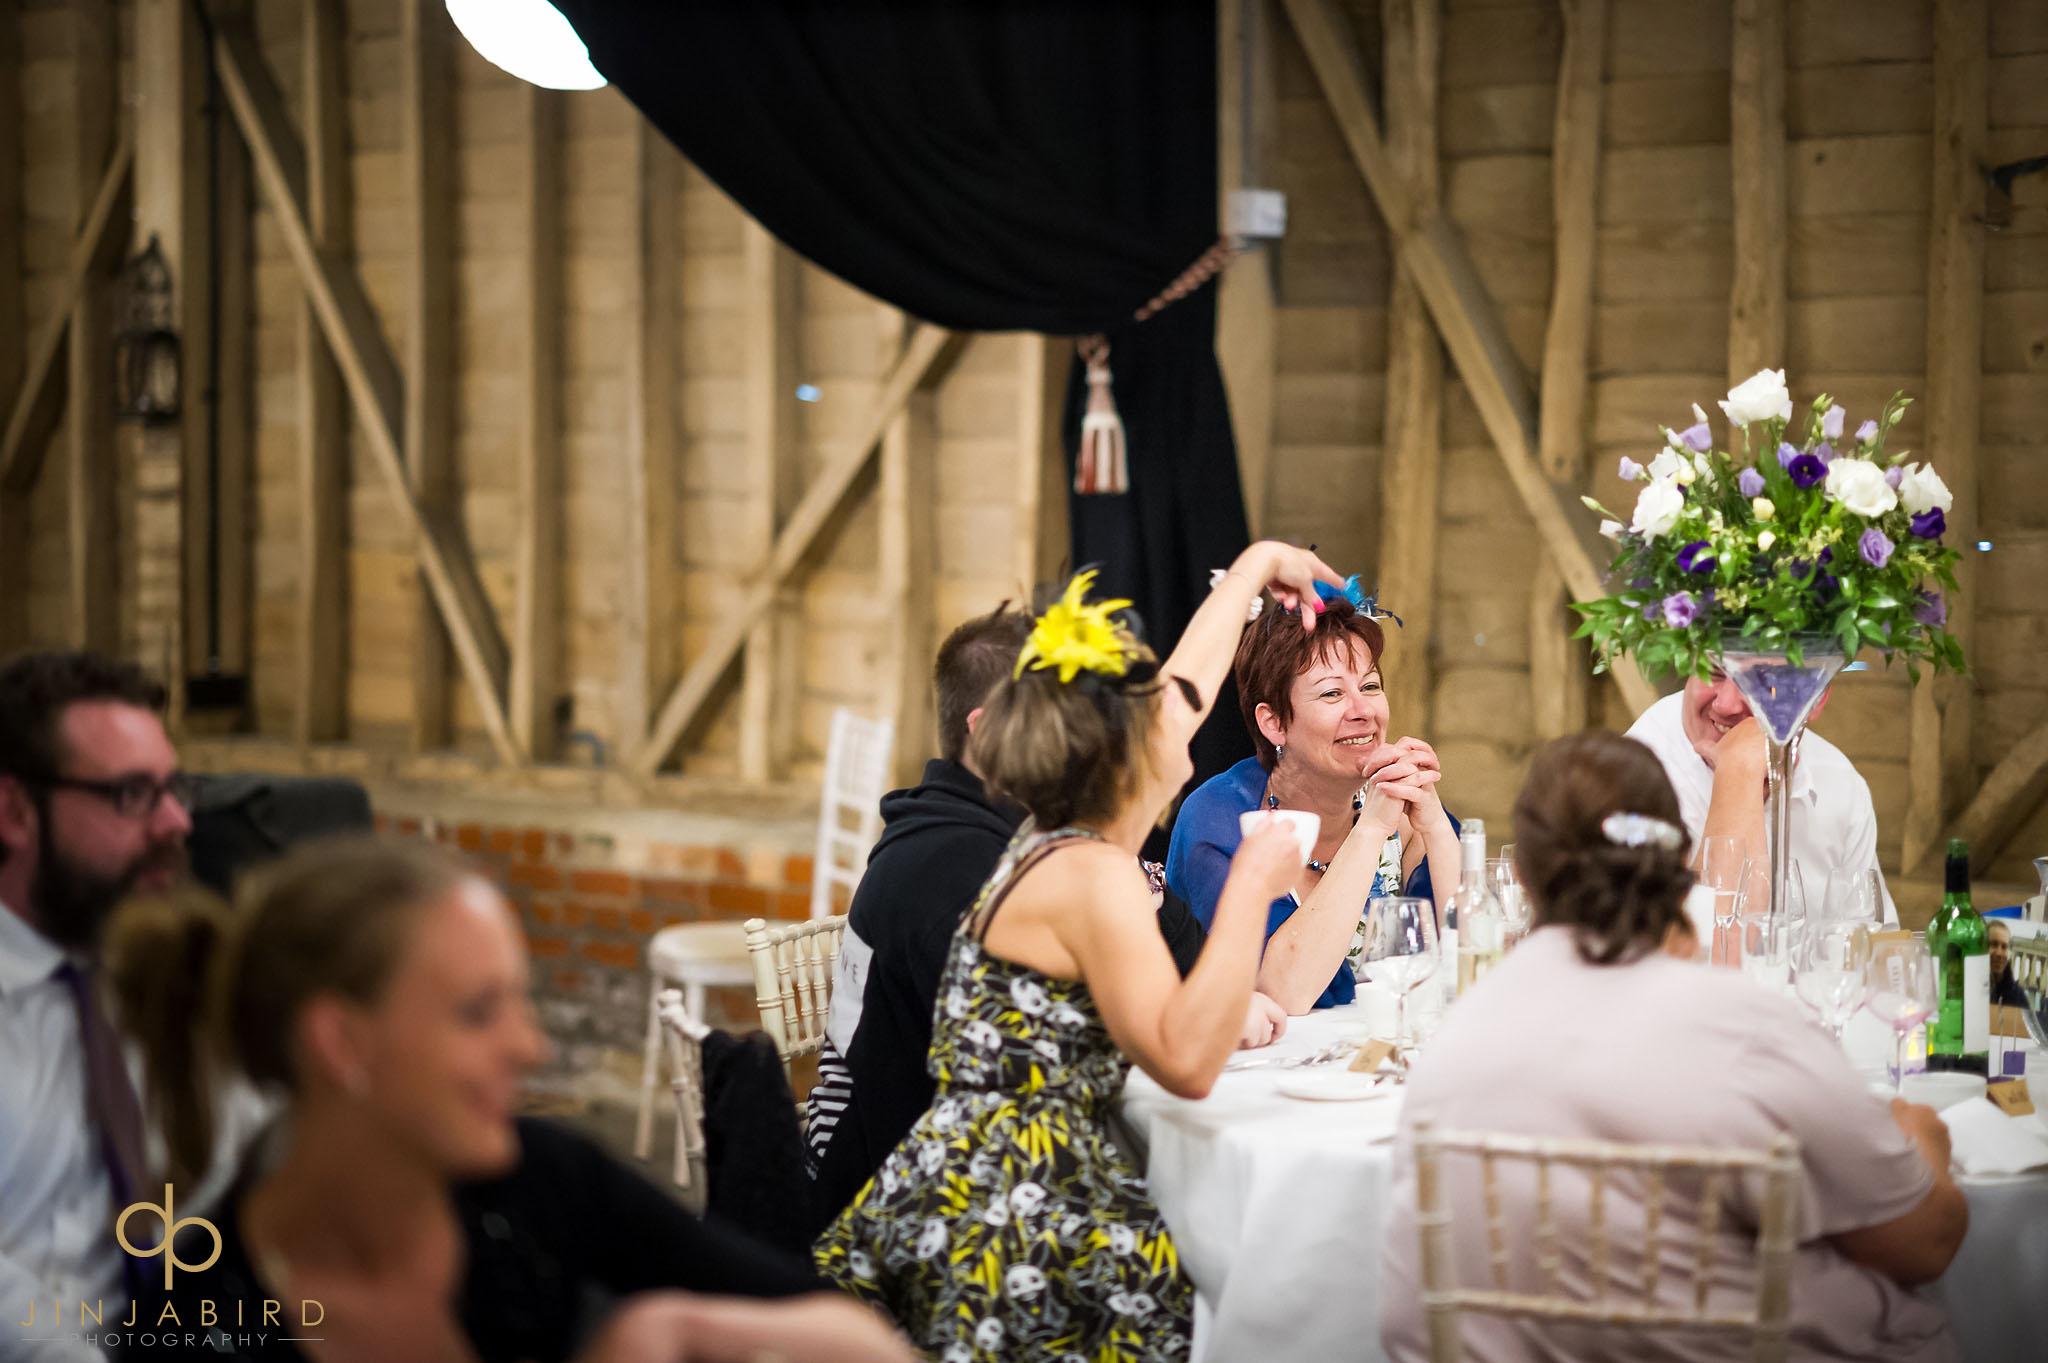 childerley hall wedding guest